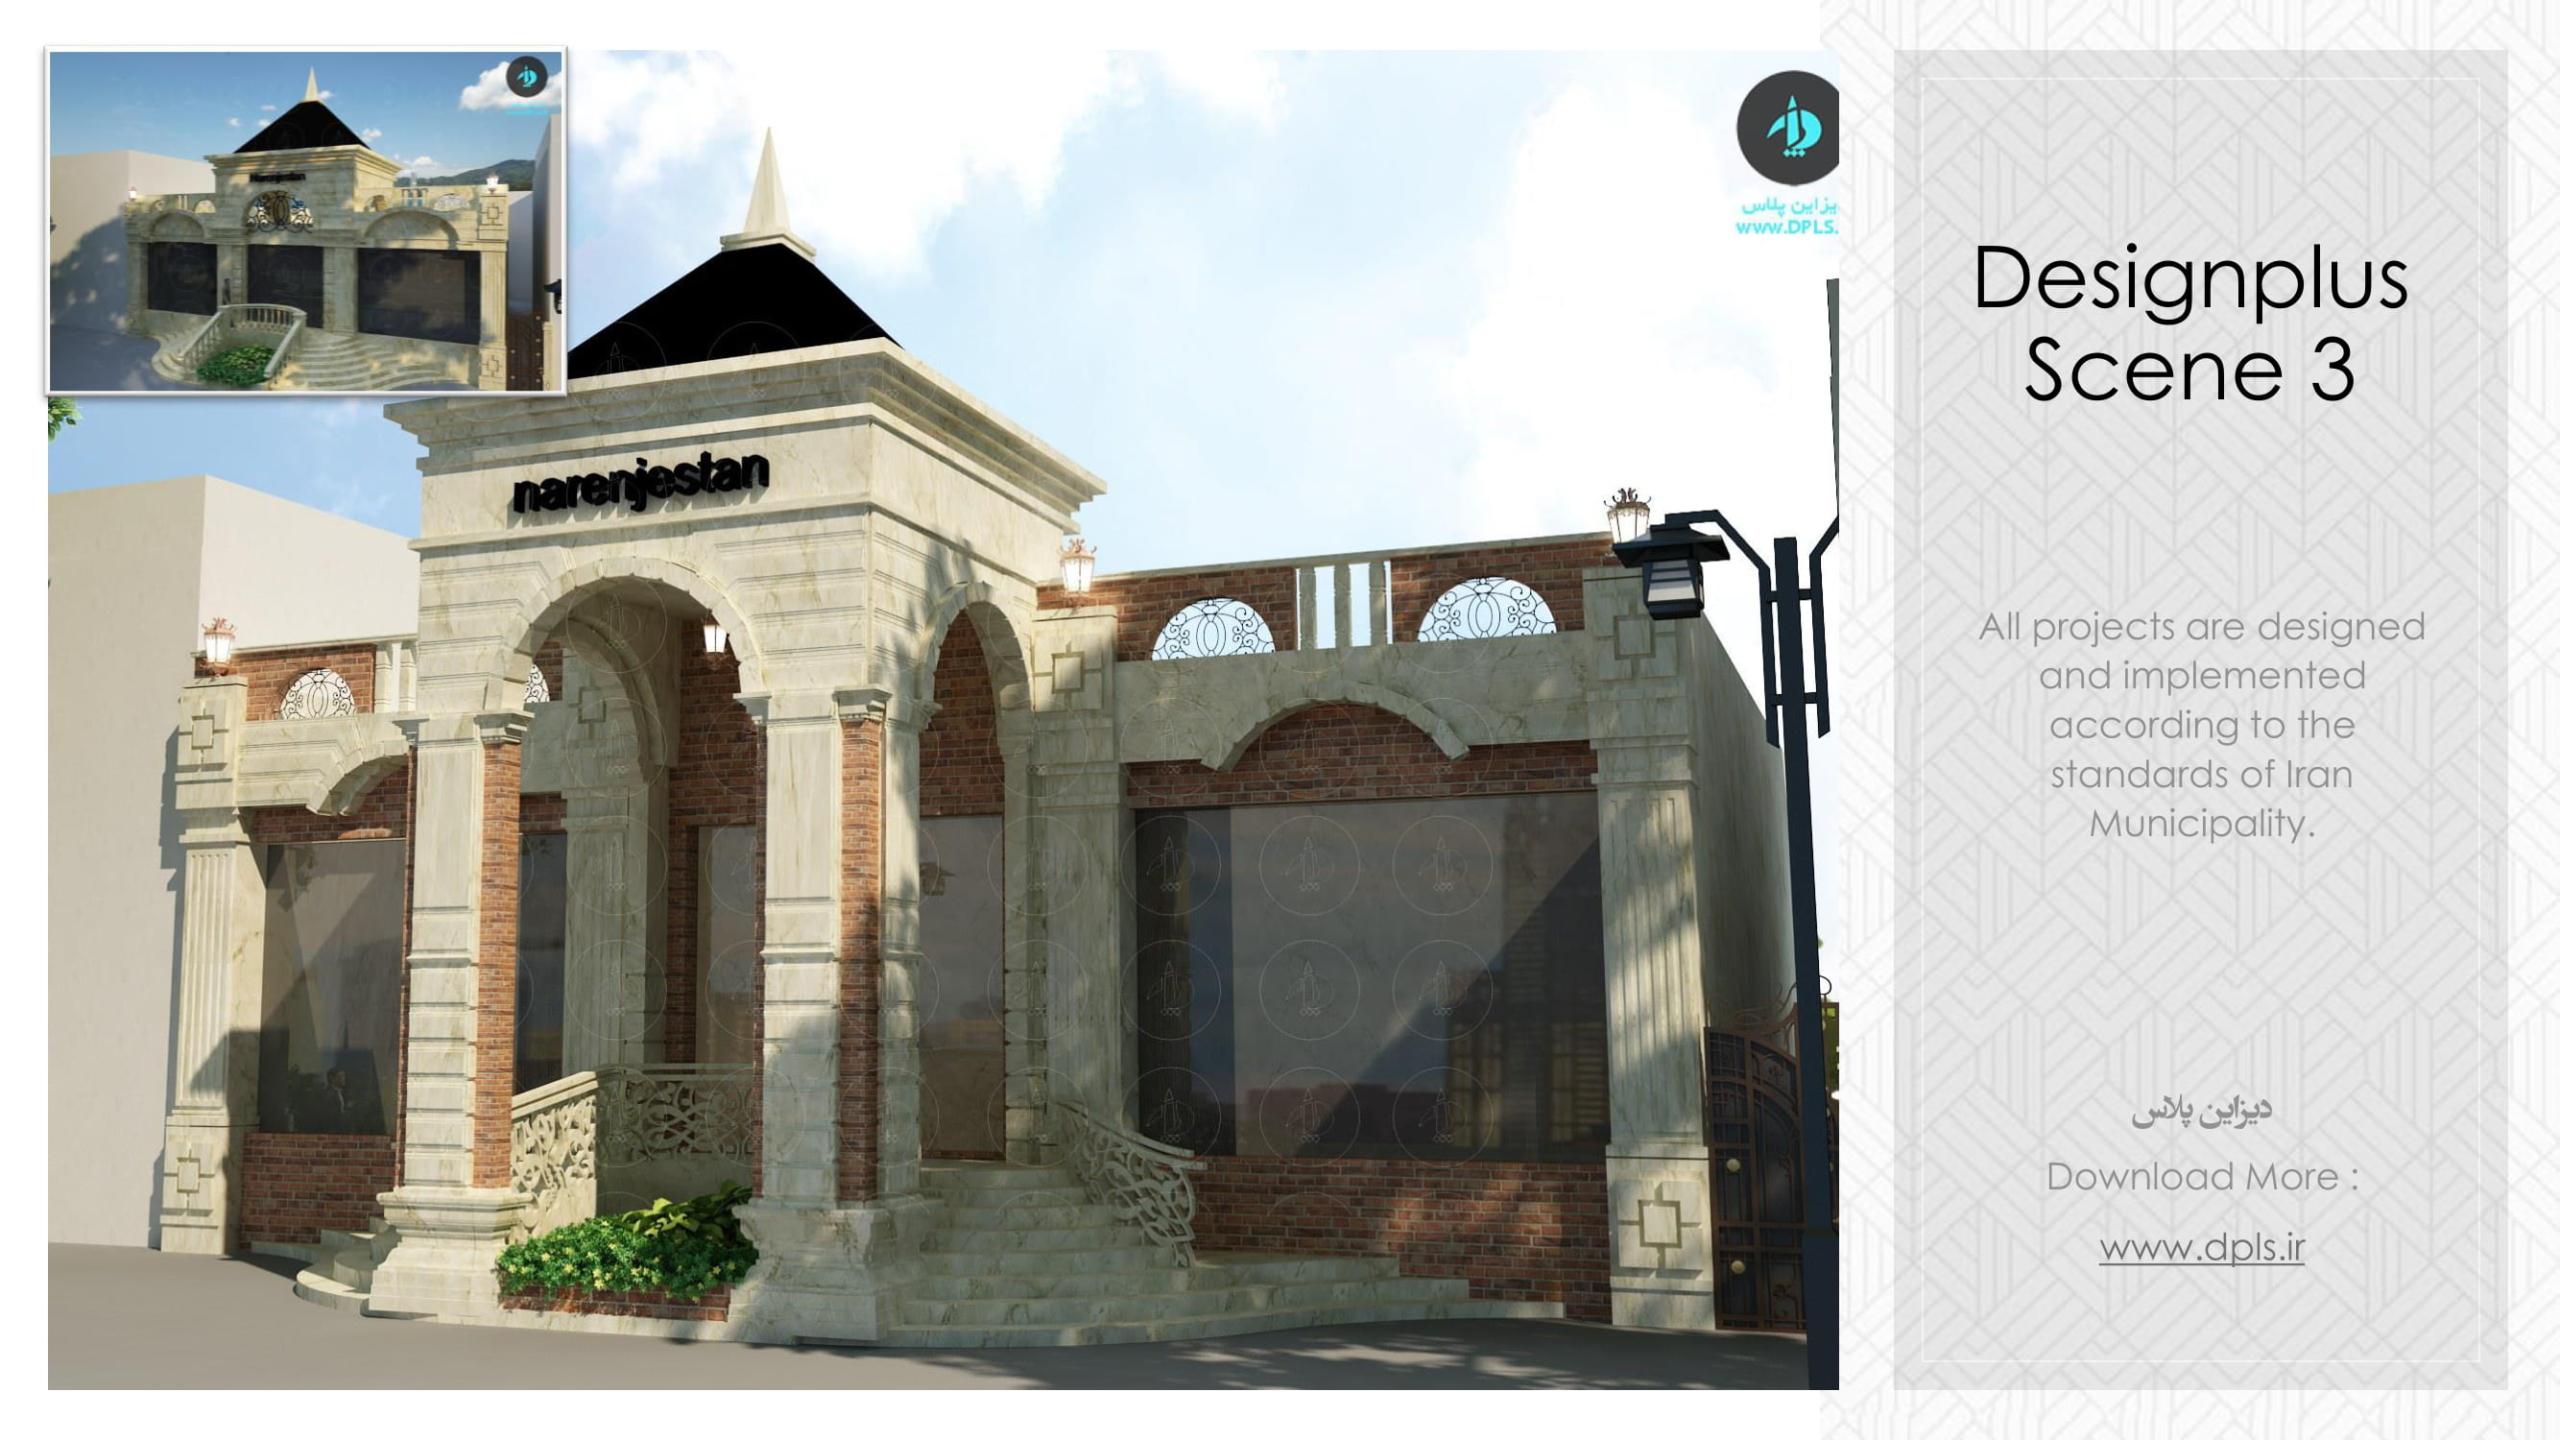 دانلود صحنه سه بعدی کلاسیک و رومی Designplus Scenes 1 4 scaled - استودیو هنر و معماری دیزاین پلاس